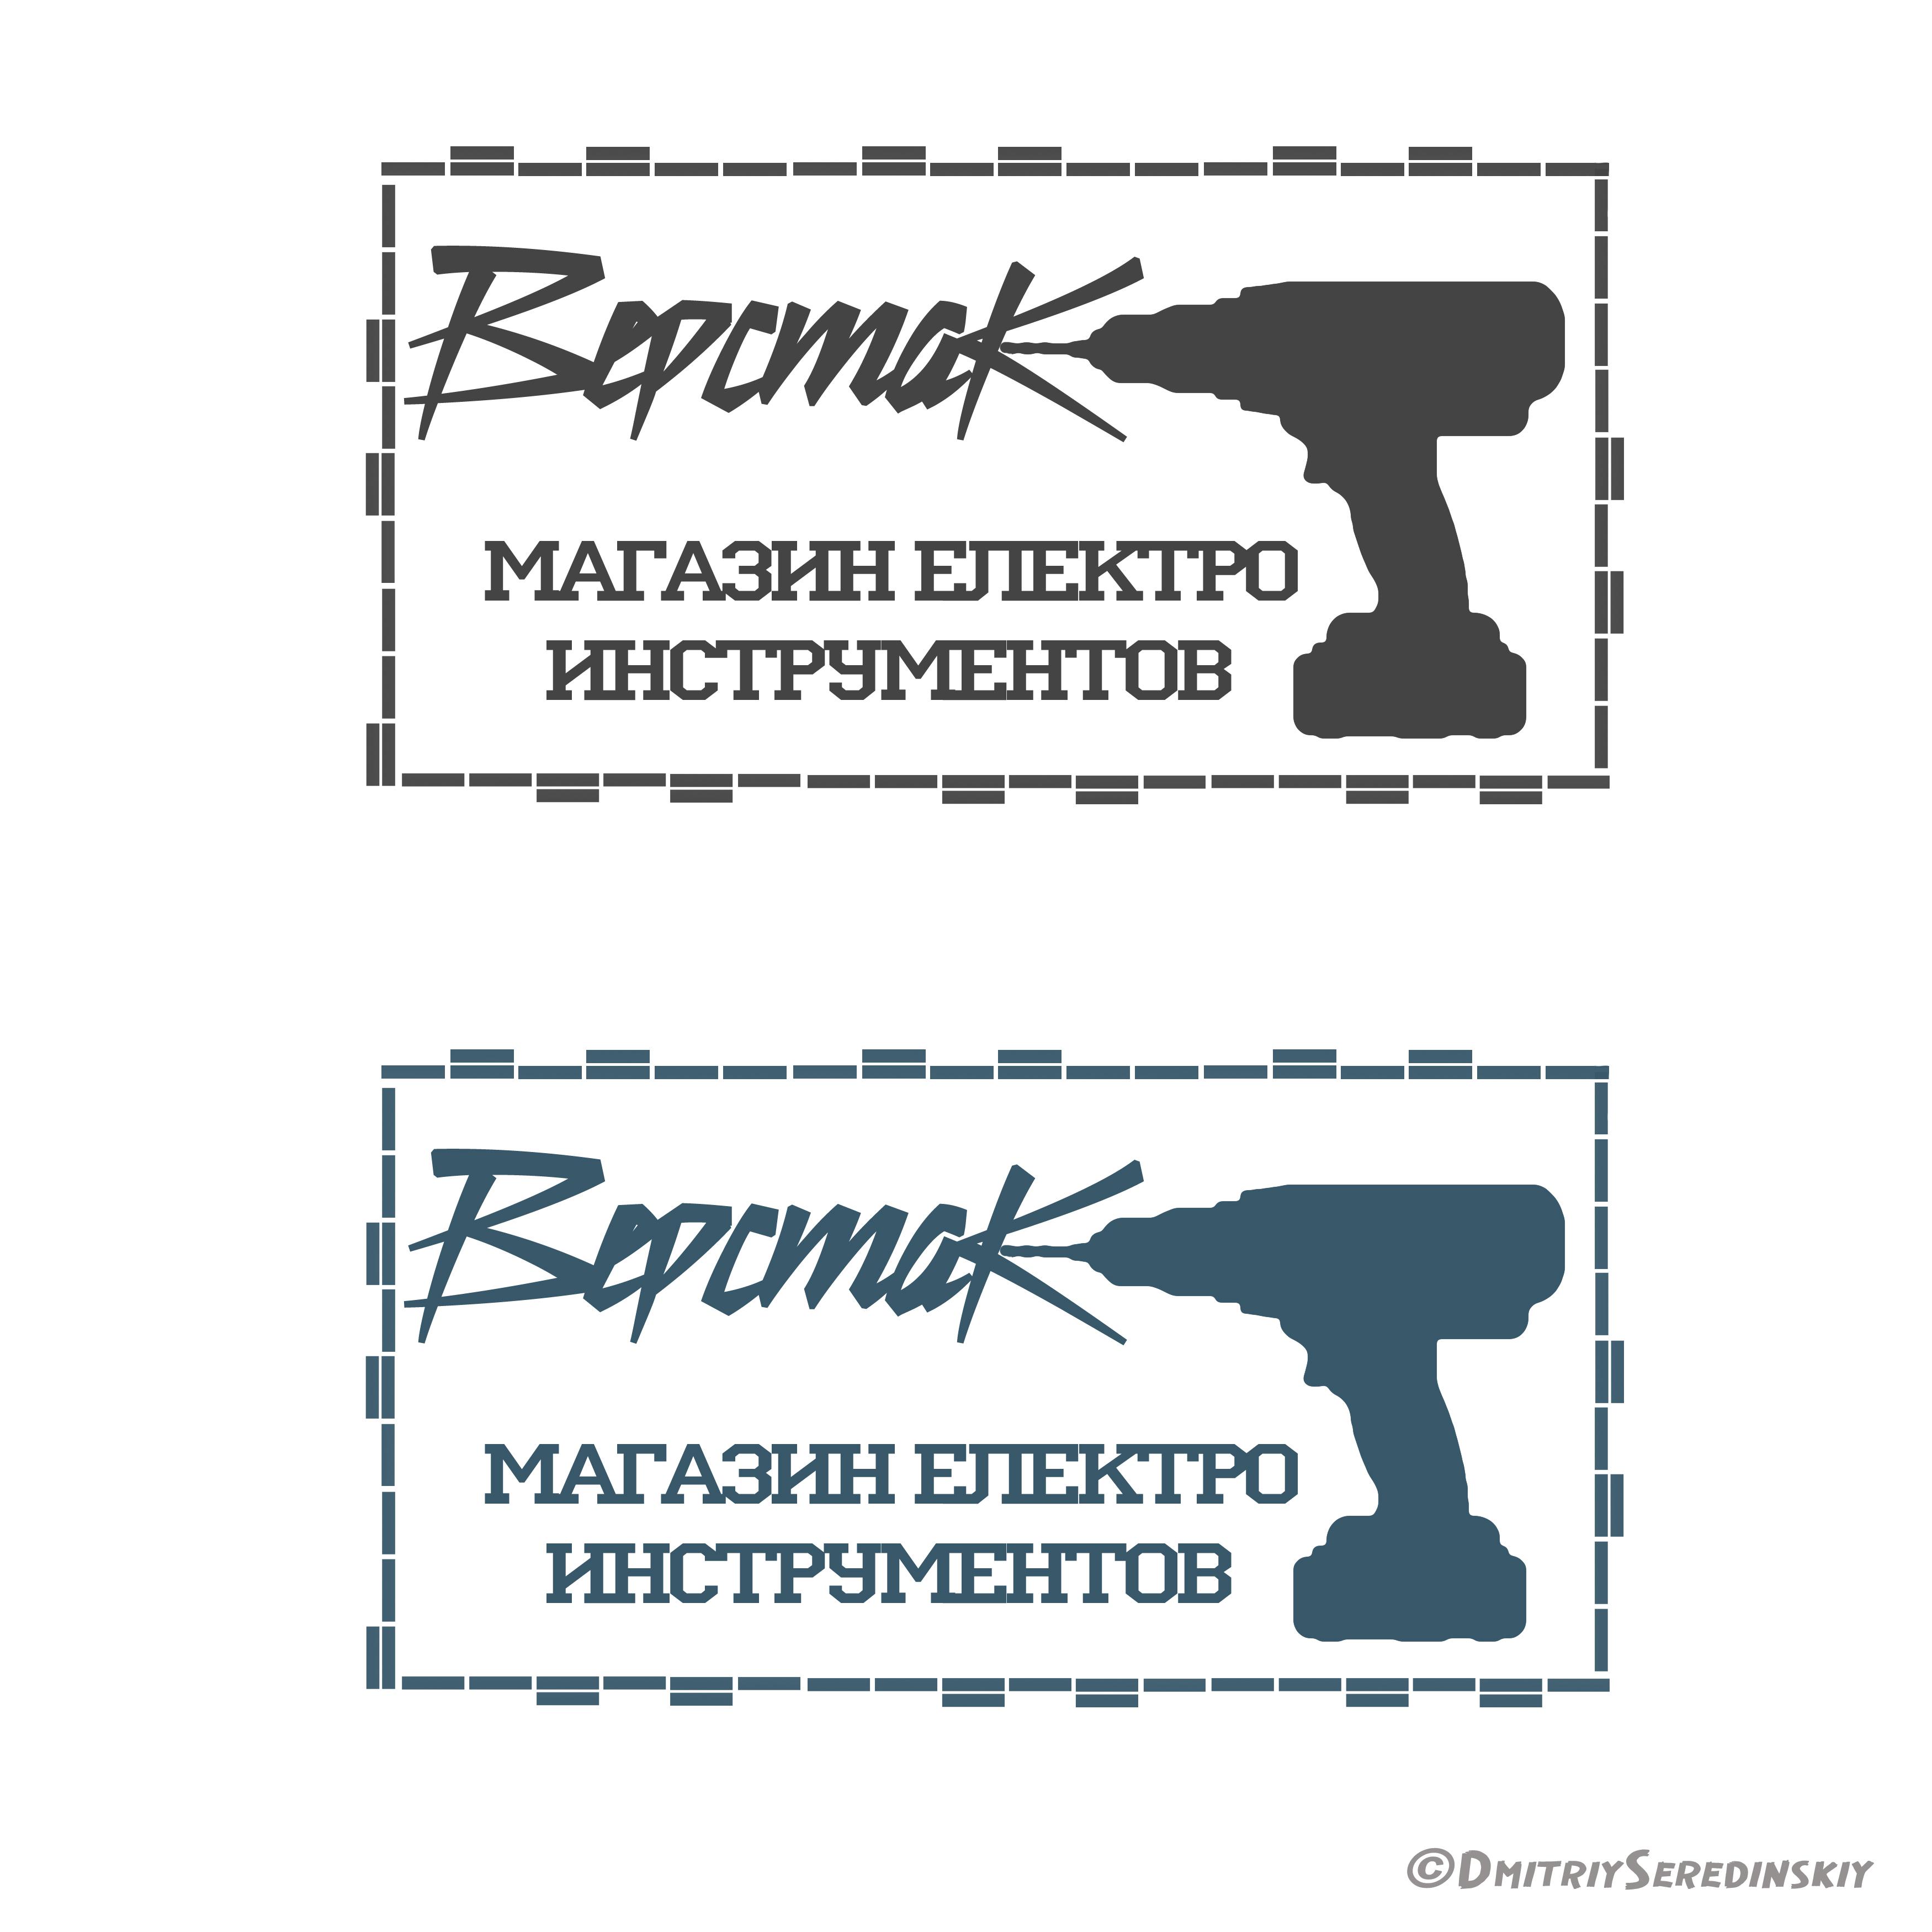 Логотип магазина бензо, электро, ручного инструмента фото f_6645a0bc2066c1c8.jpg